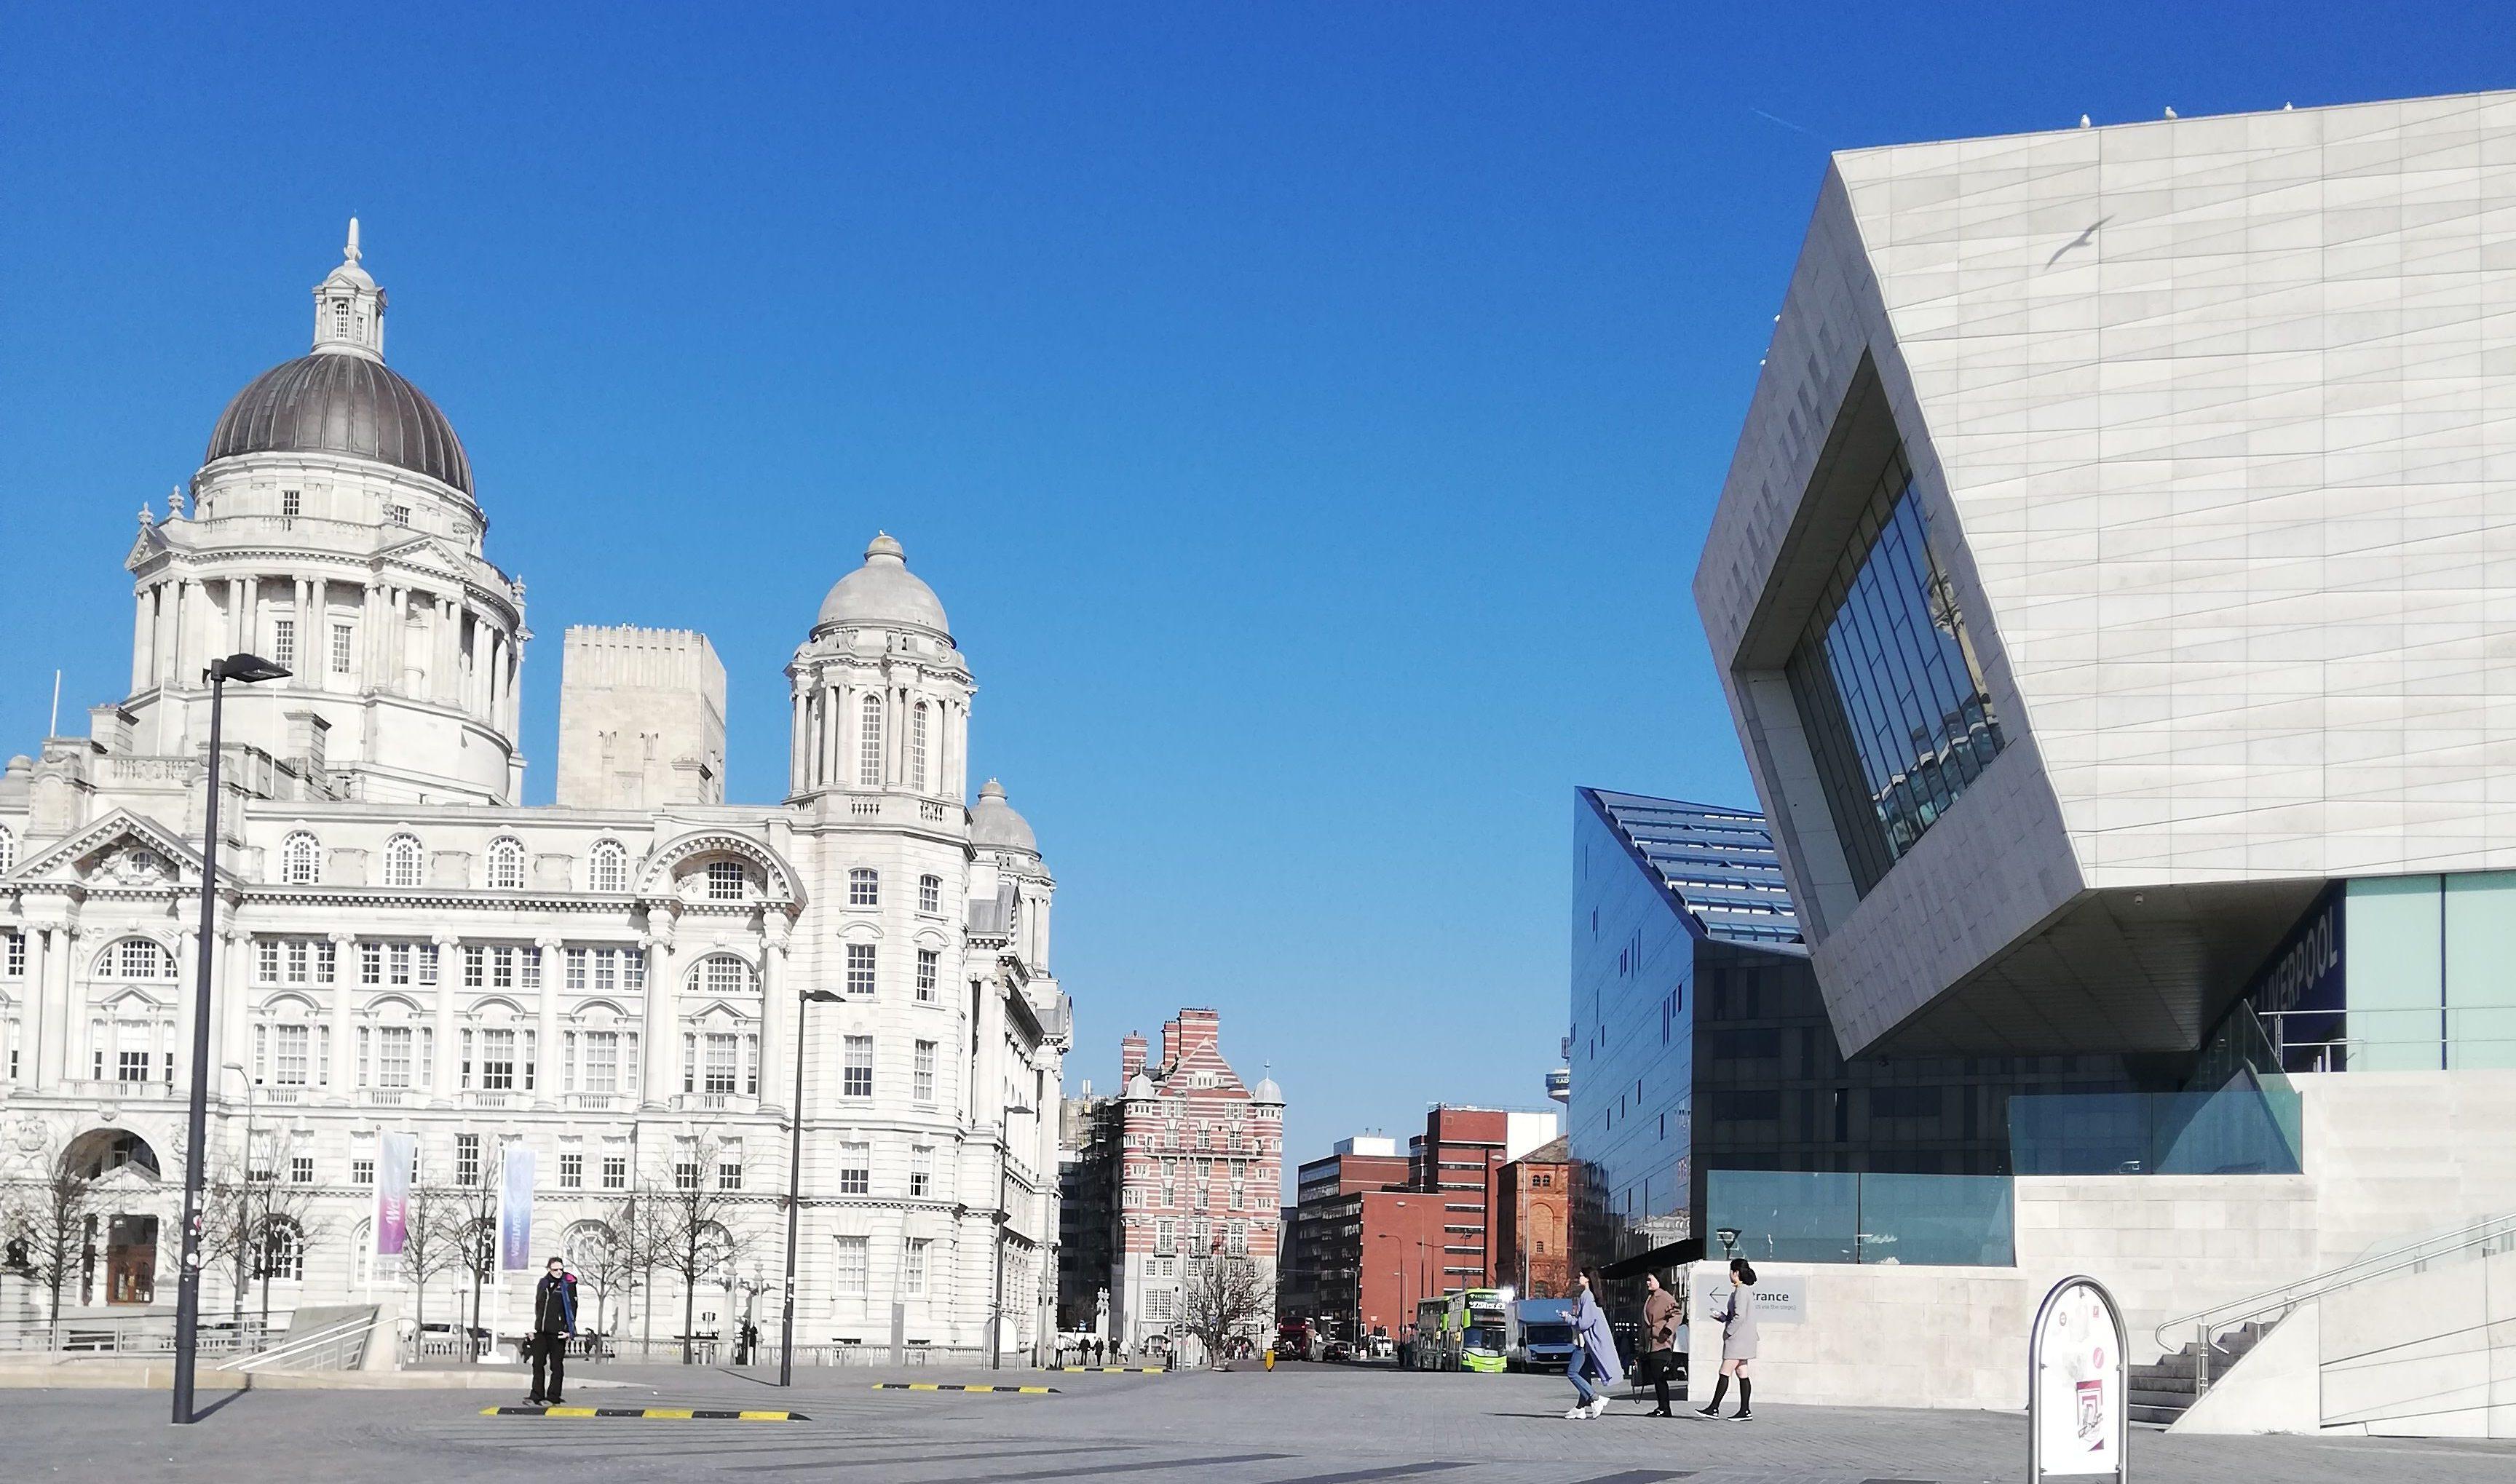 Liverpool Sprachreise, alt trifft auf modern